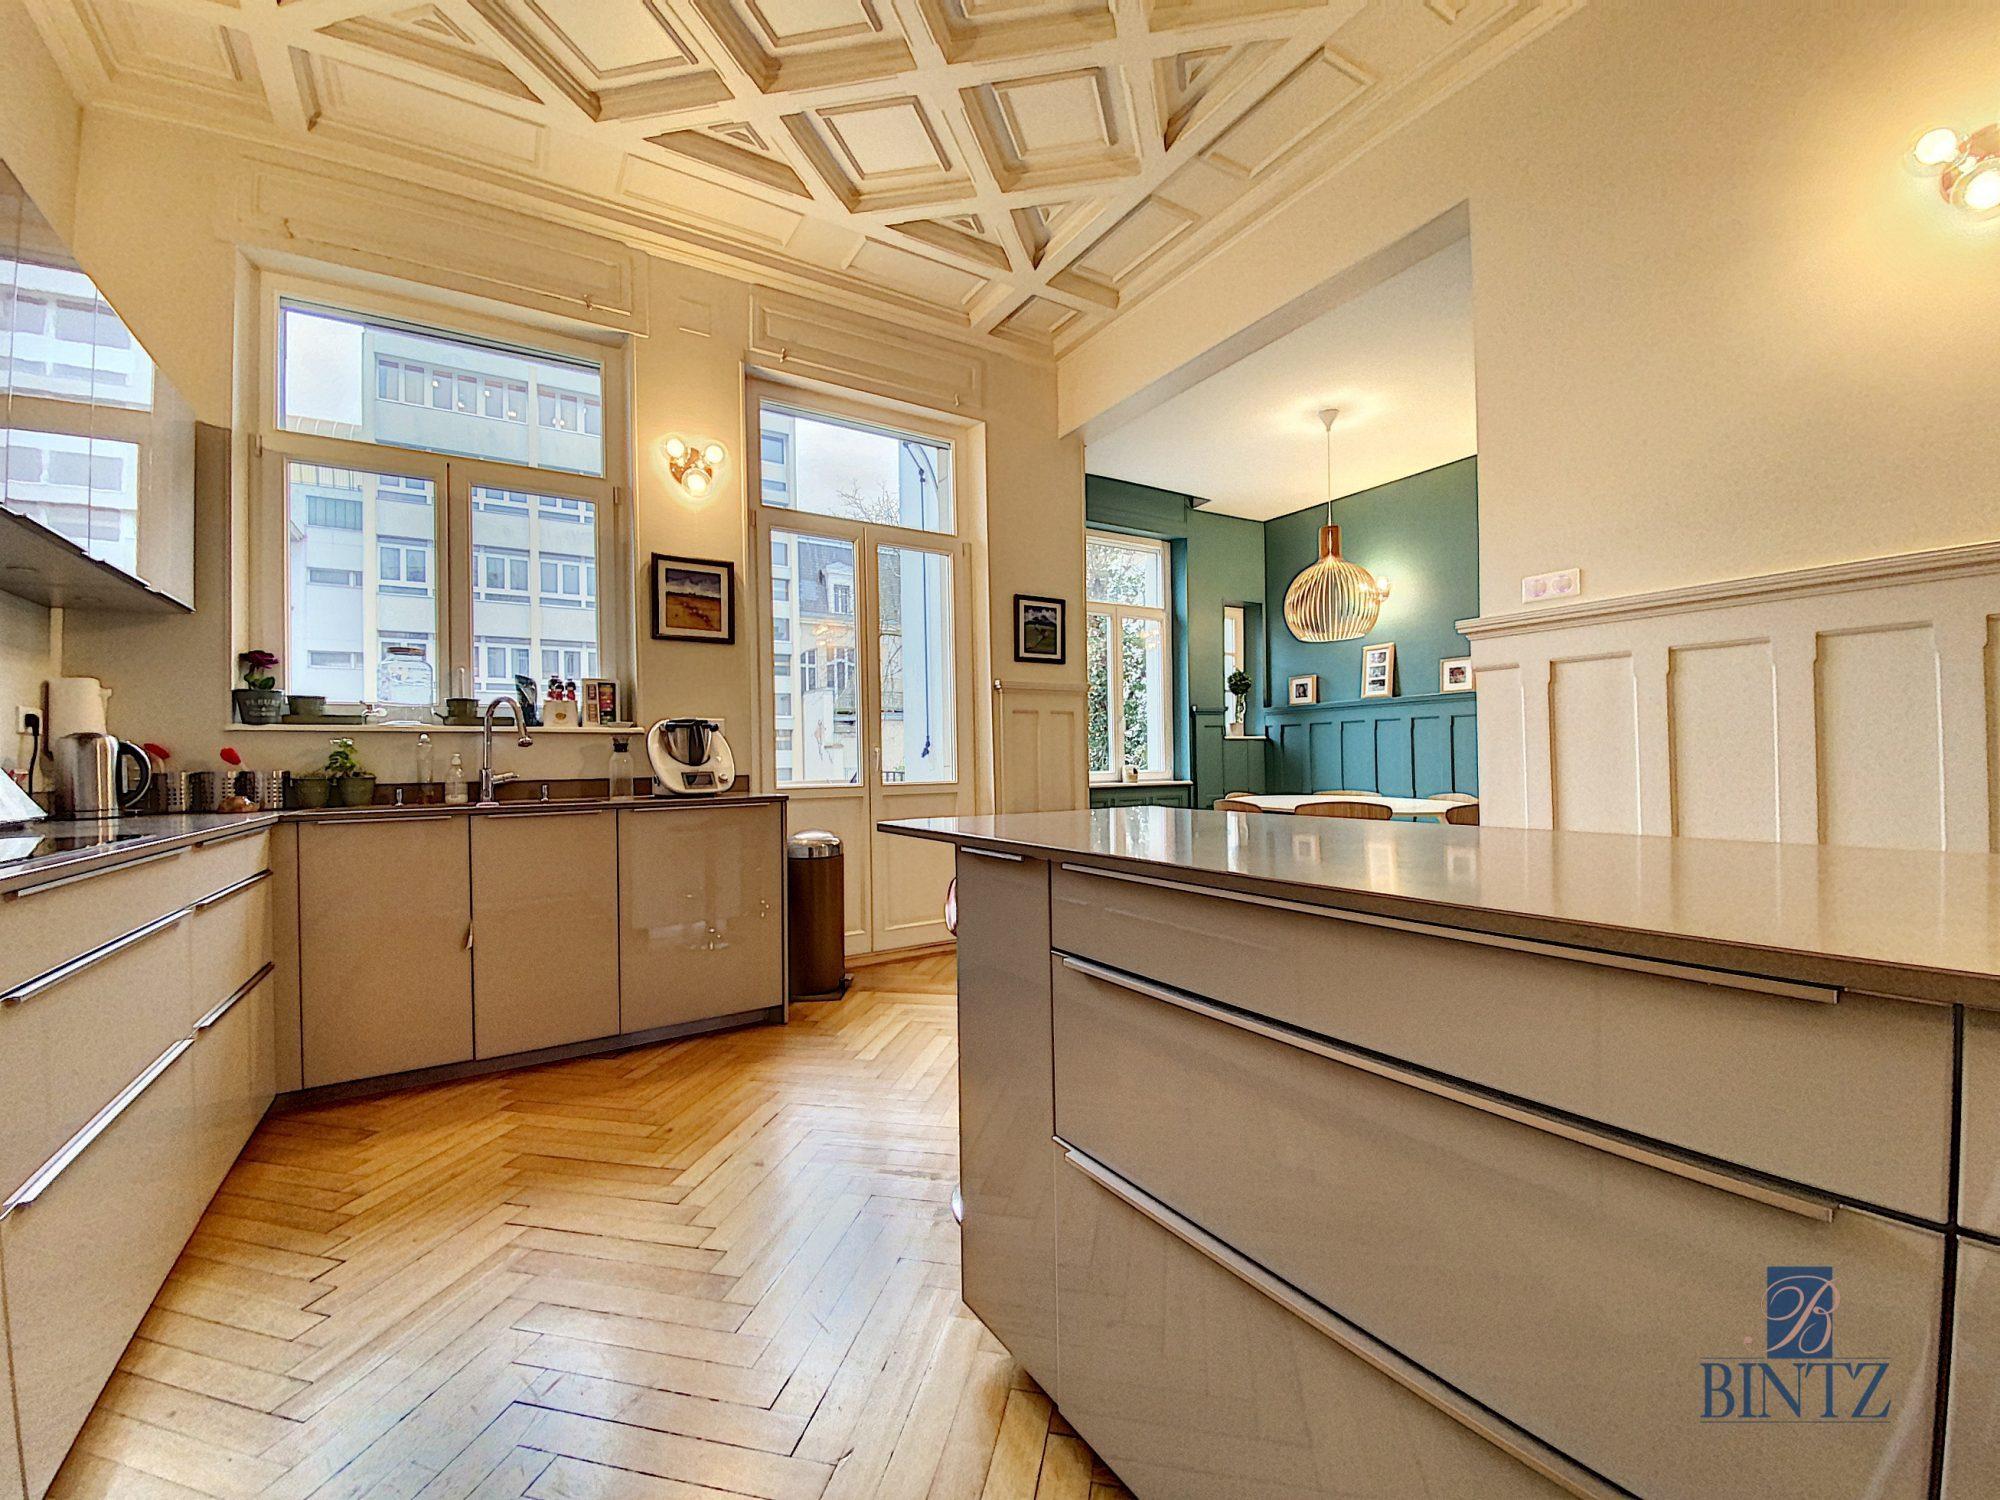 MAGNIFIQUE HOTEL PARTICULIER À STRASBOURG - Devenez propriétaire en toute confiance - Bintz Immobilier - 7